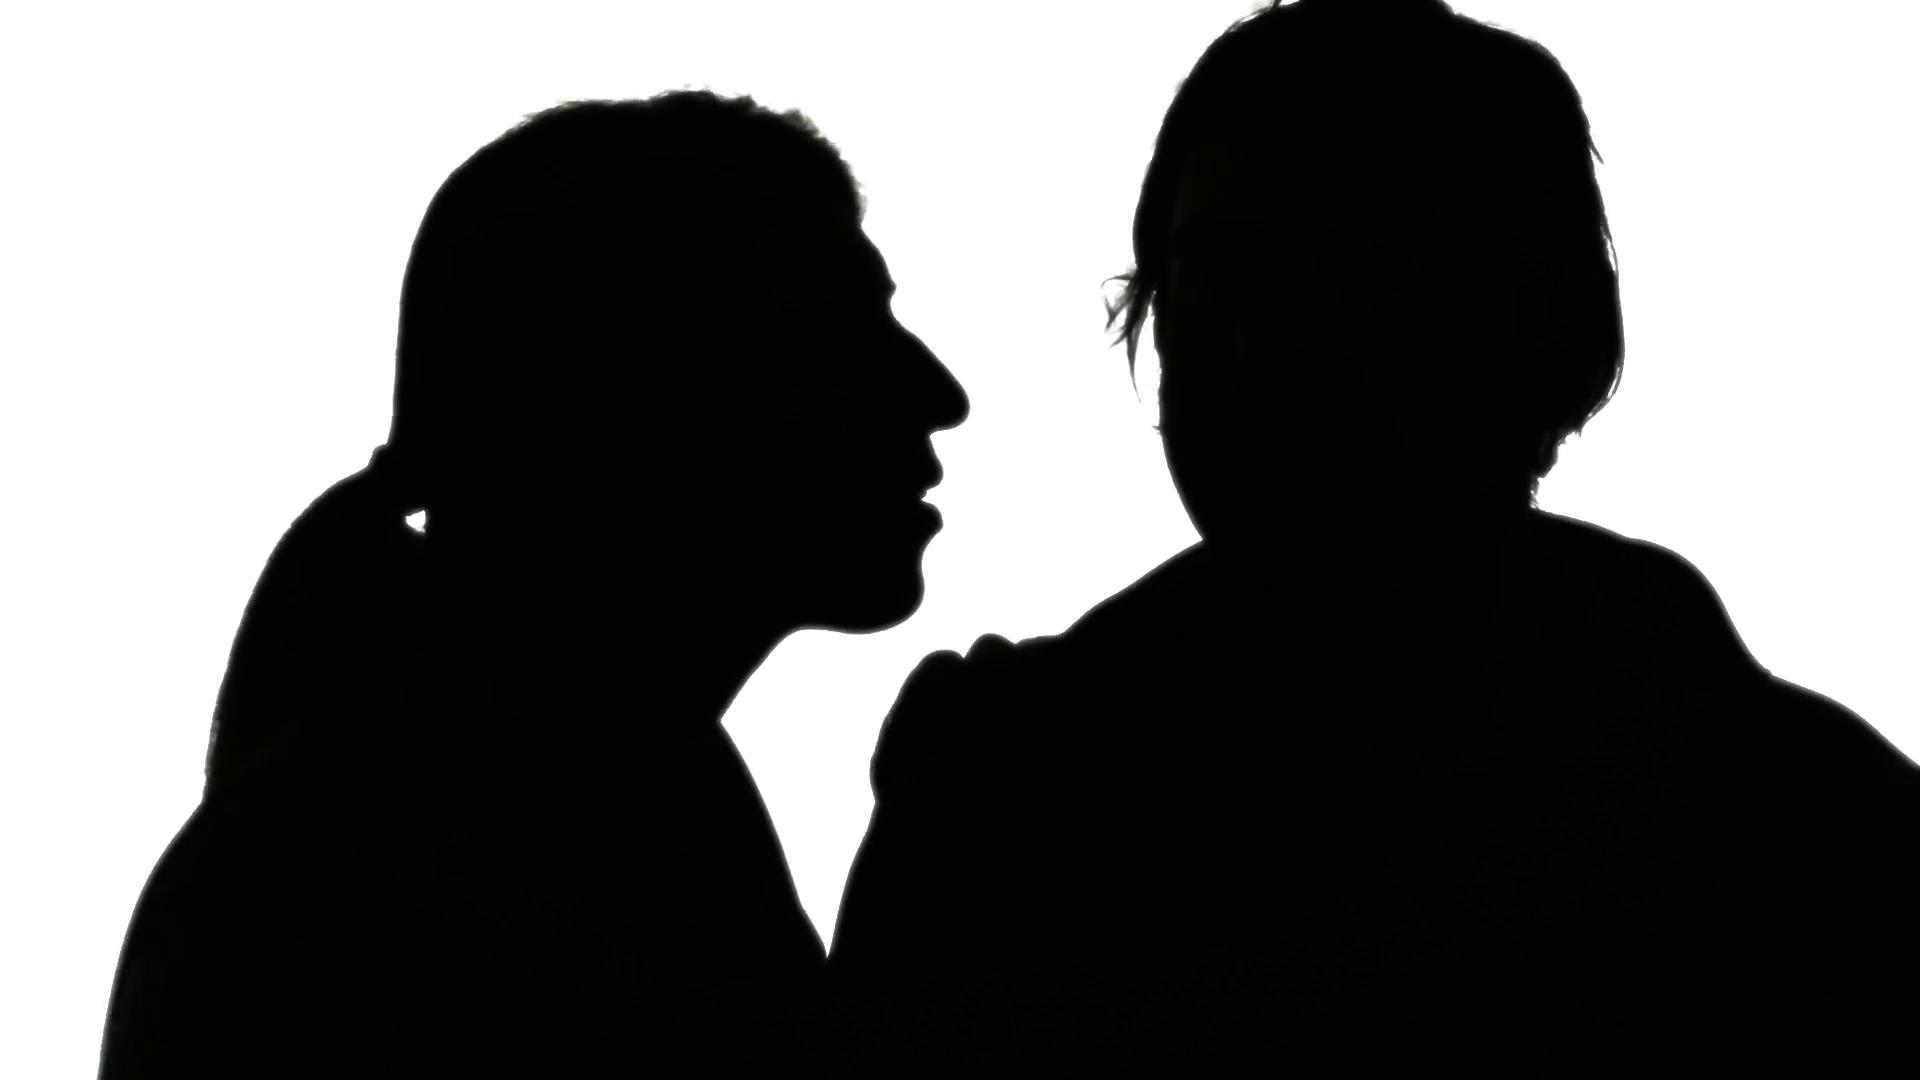 1920x1080 Silhouette Woman Man Secret Whisper. A Woman Whispering A Secret